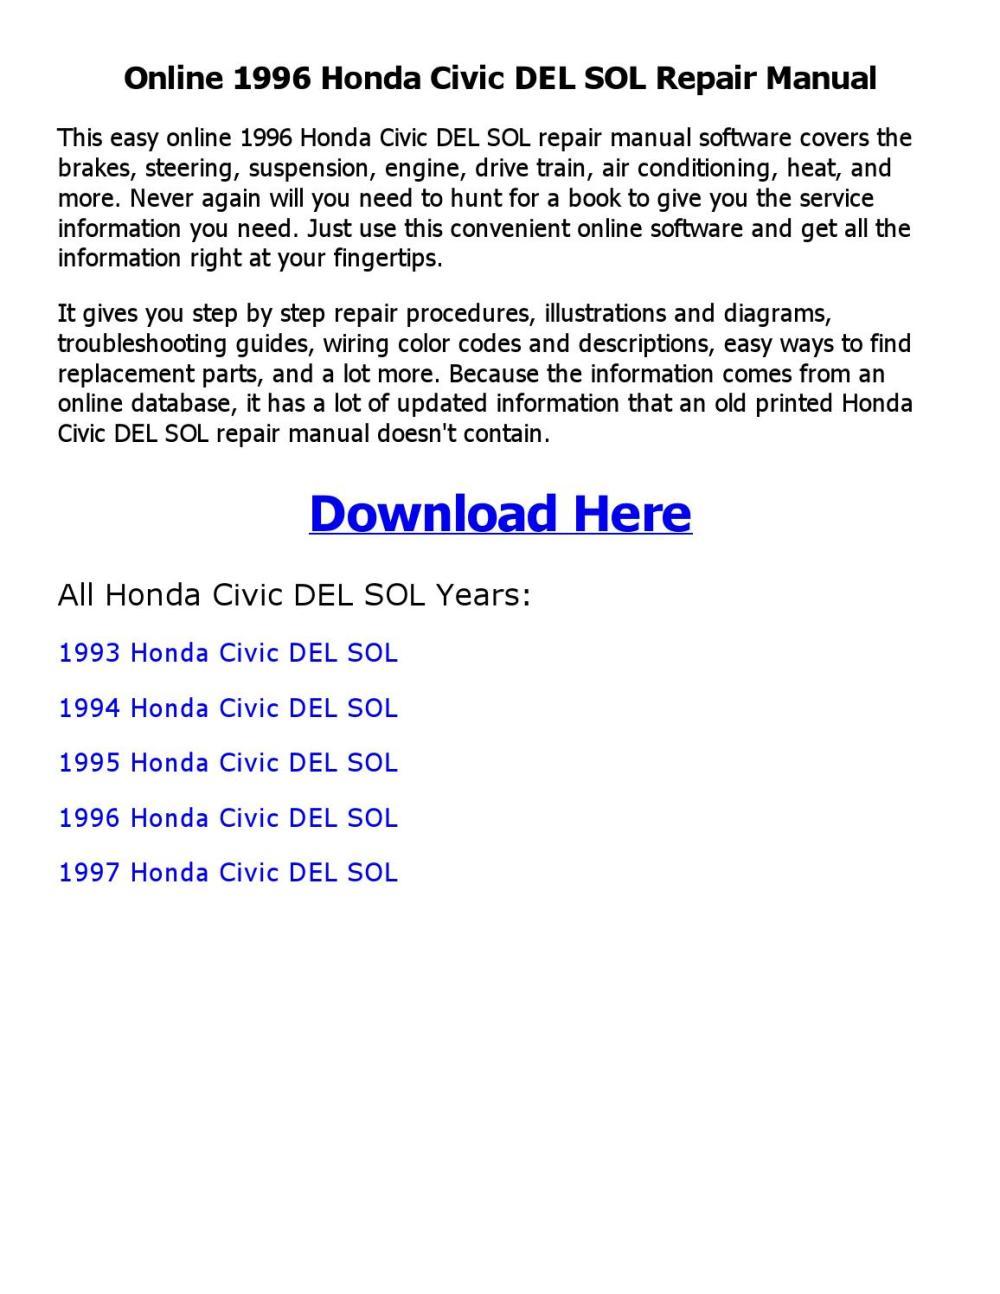 medium resolution of 1994 honda del sol service manual